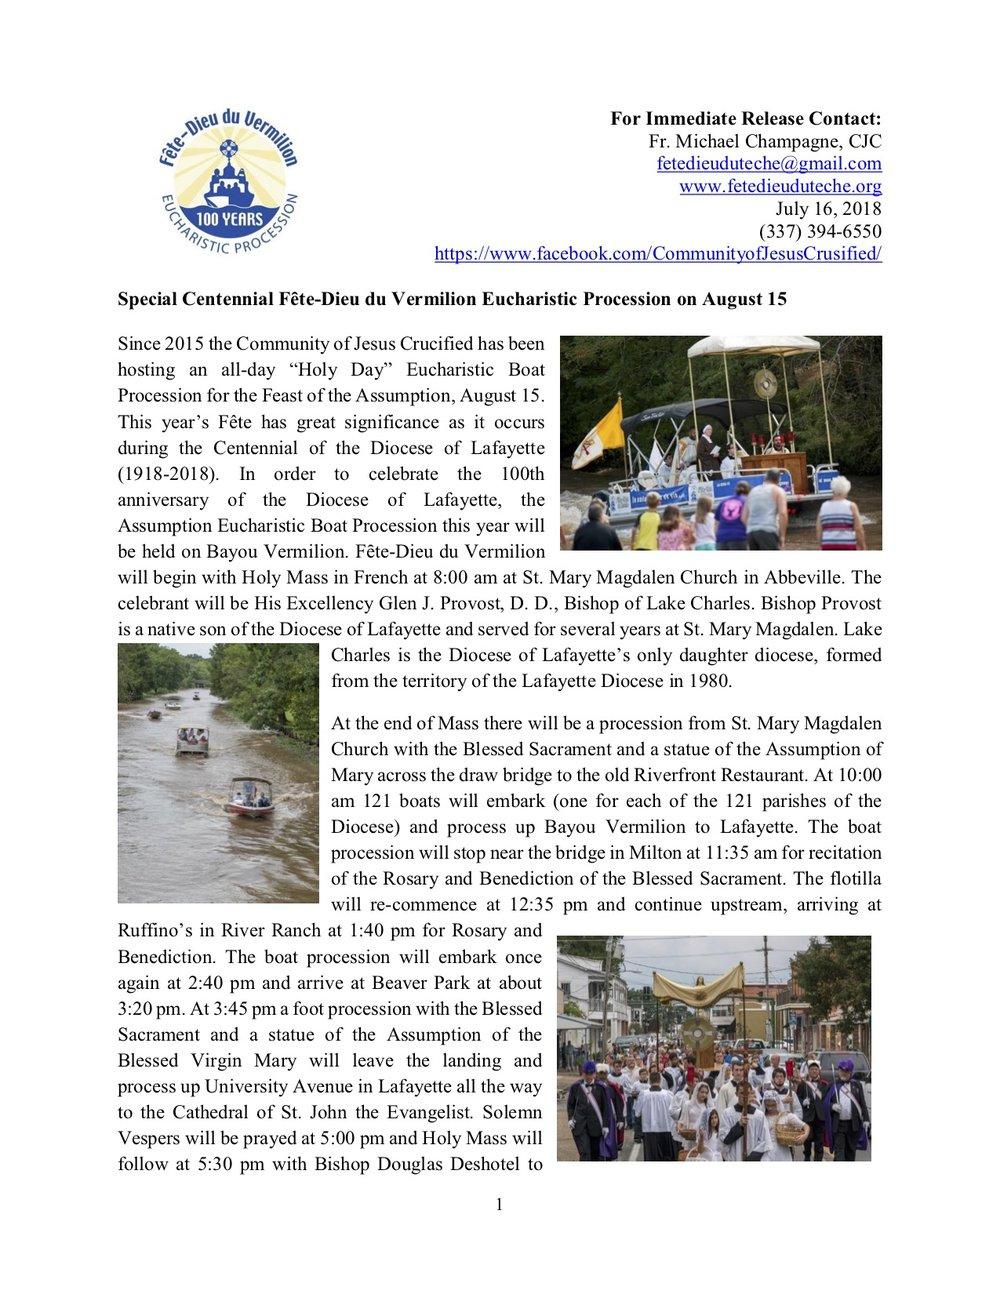 Press Release Fete Dieu du  Vermilion 2018.jpg